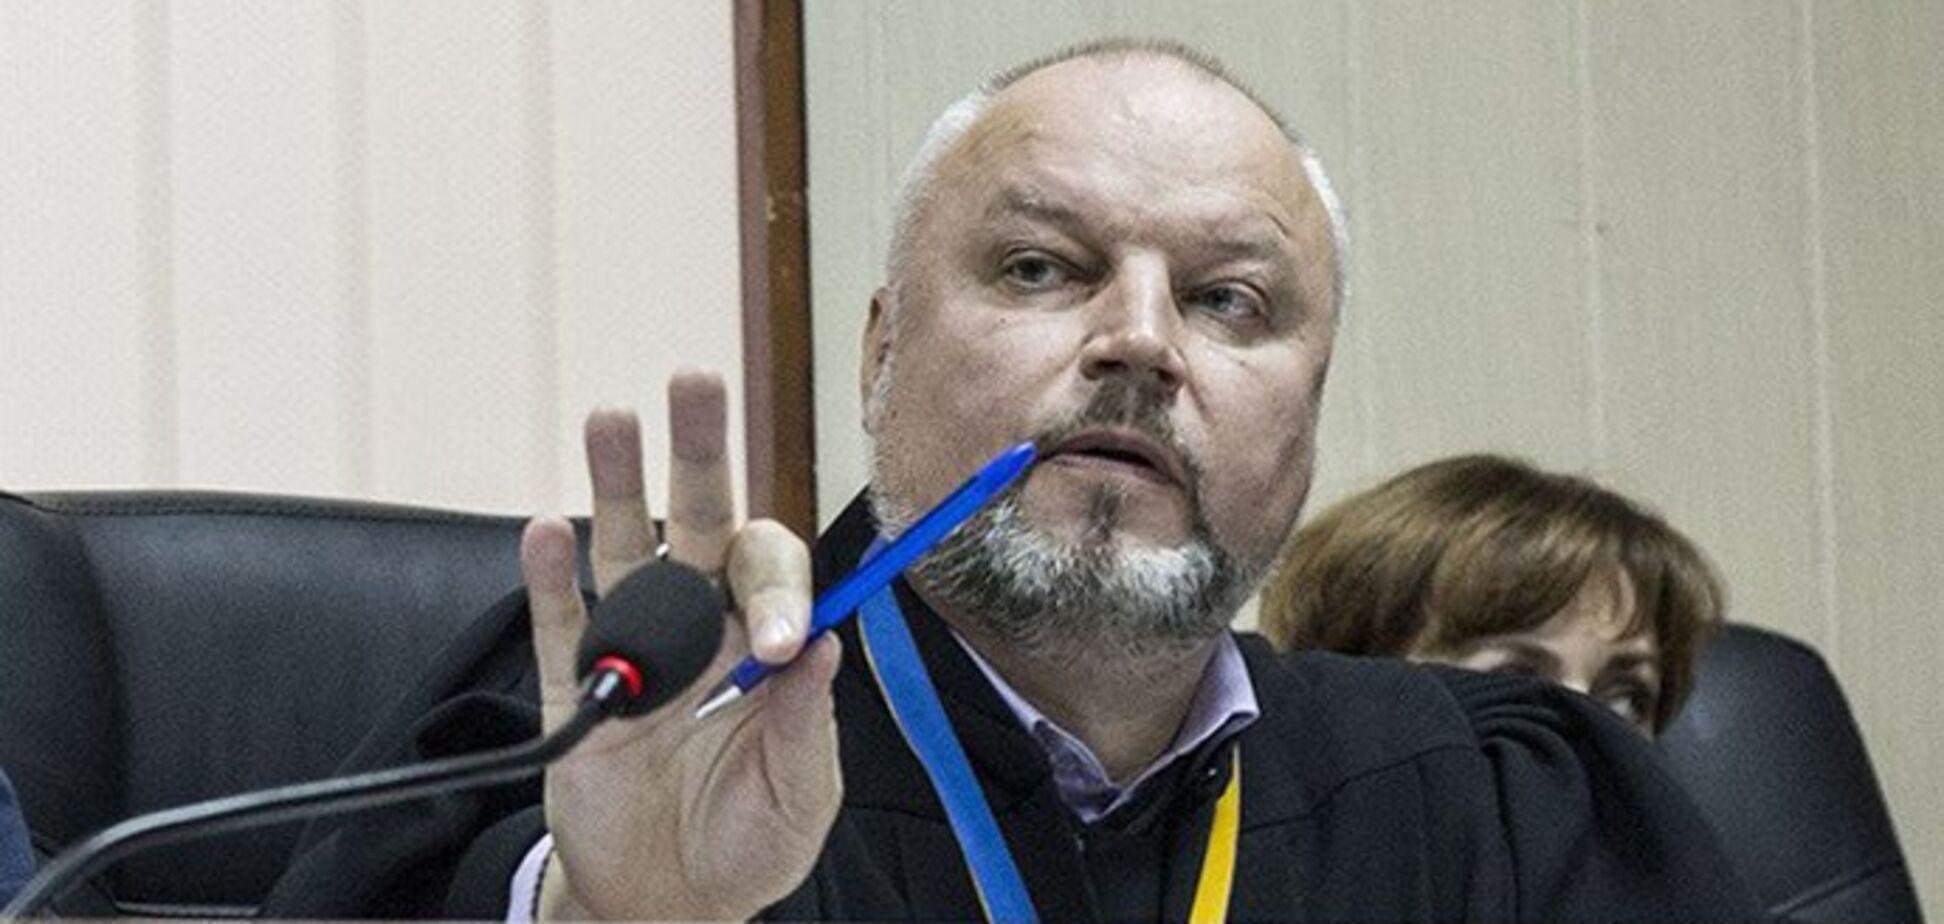 В Киеве избили судью,  который ведет дело о расстрелах на Майдане: что известно